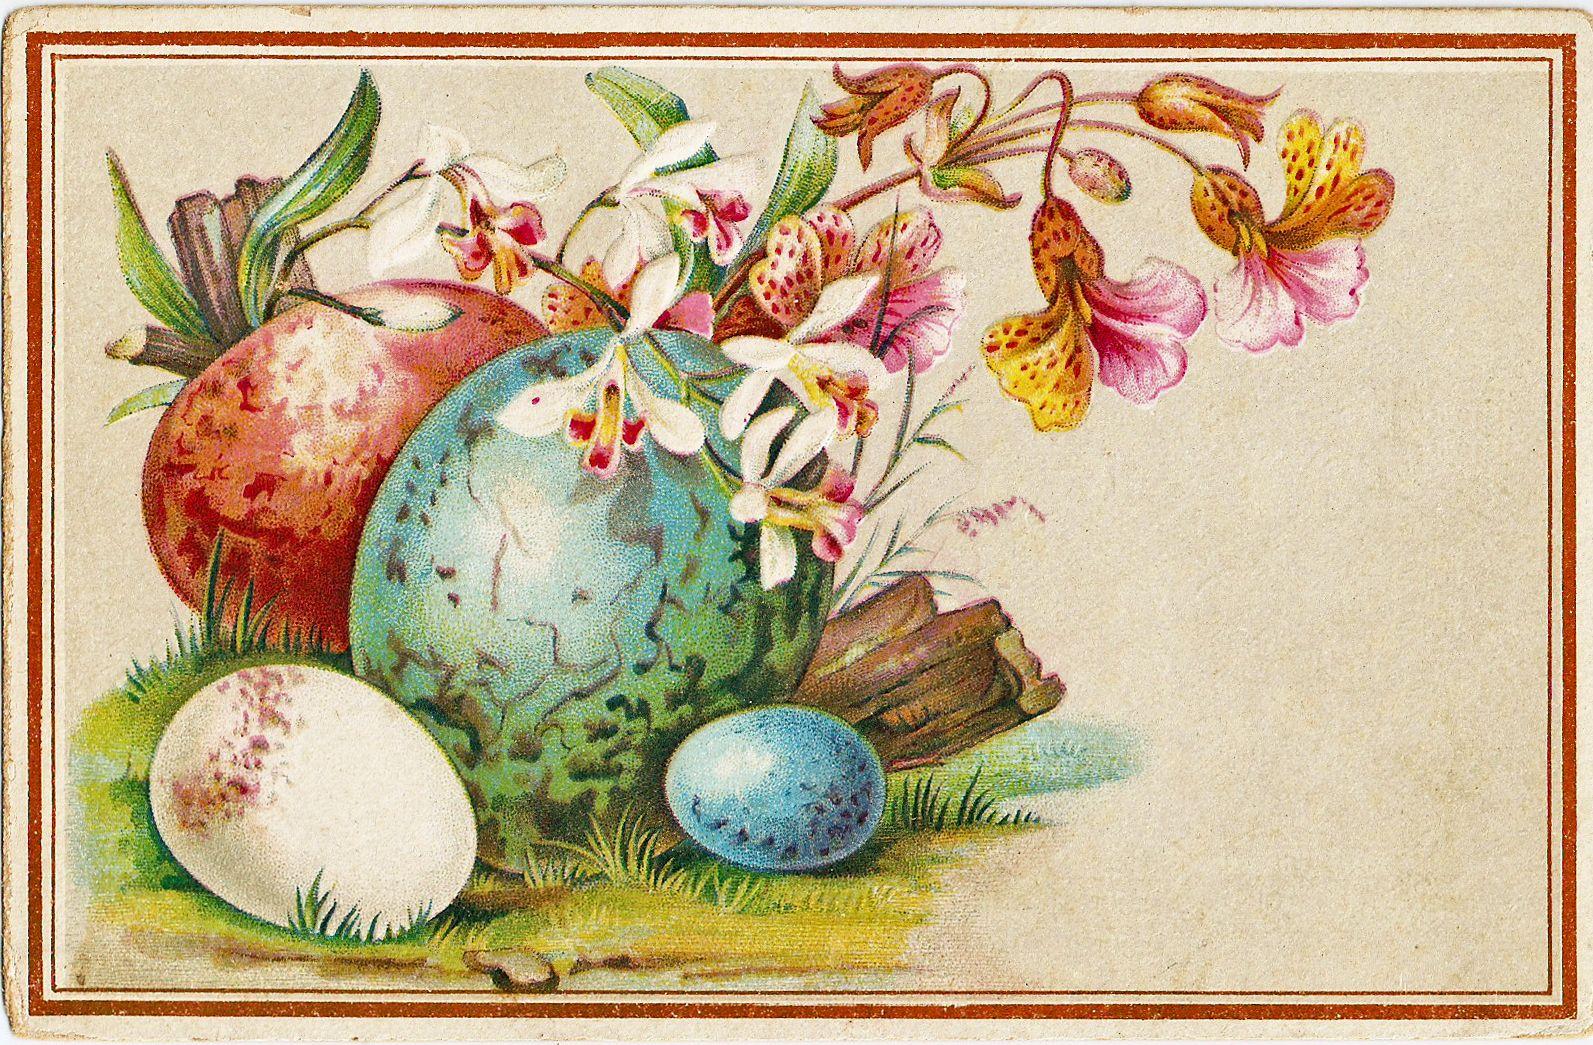 изображение пасхальных открыток пожалуйста тот самый